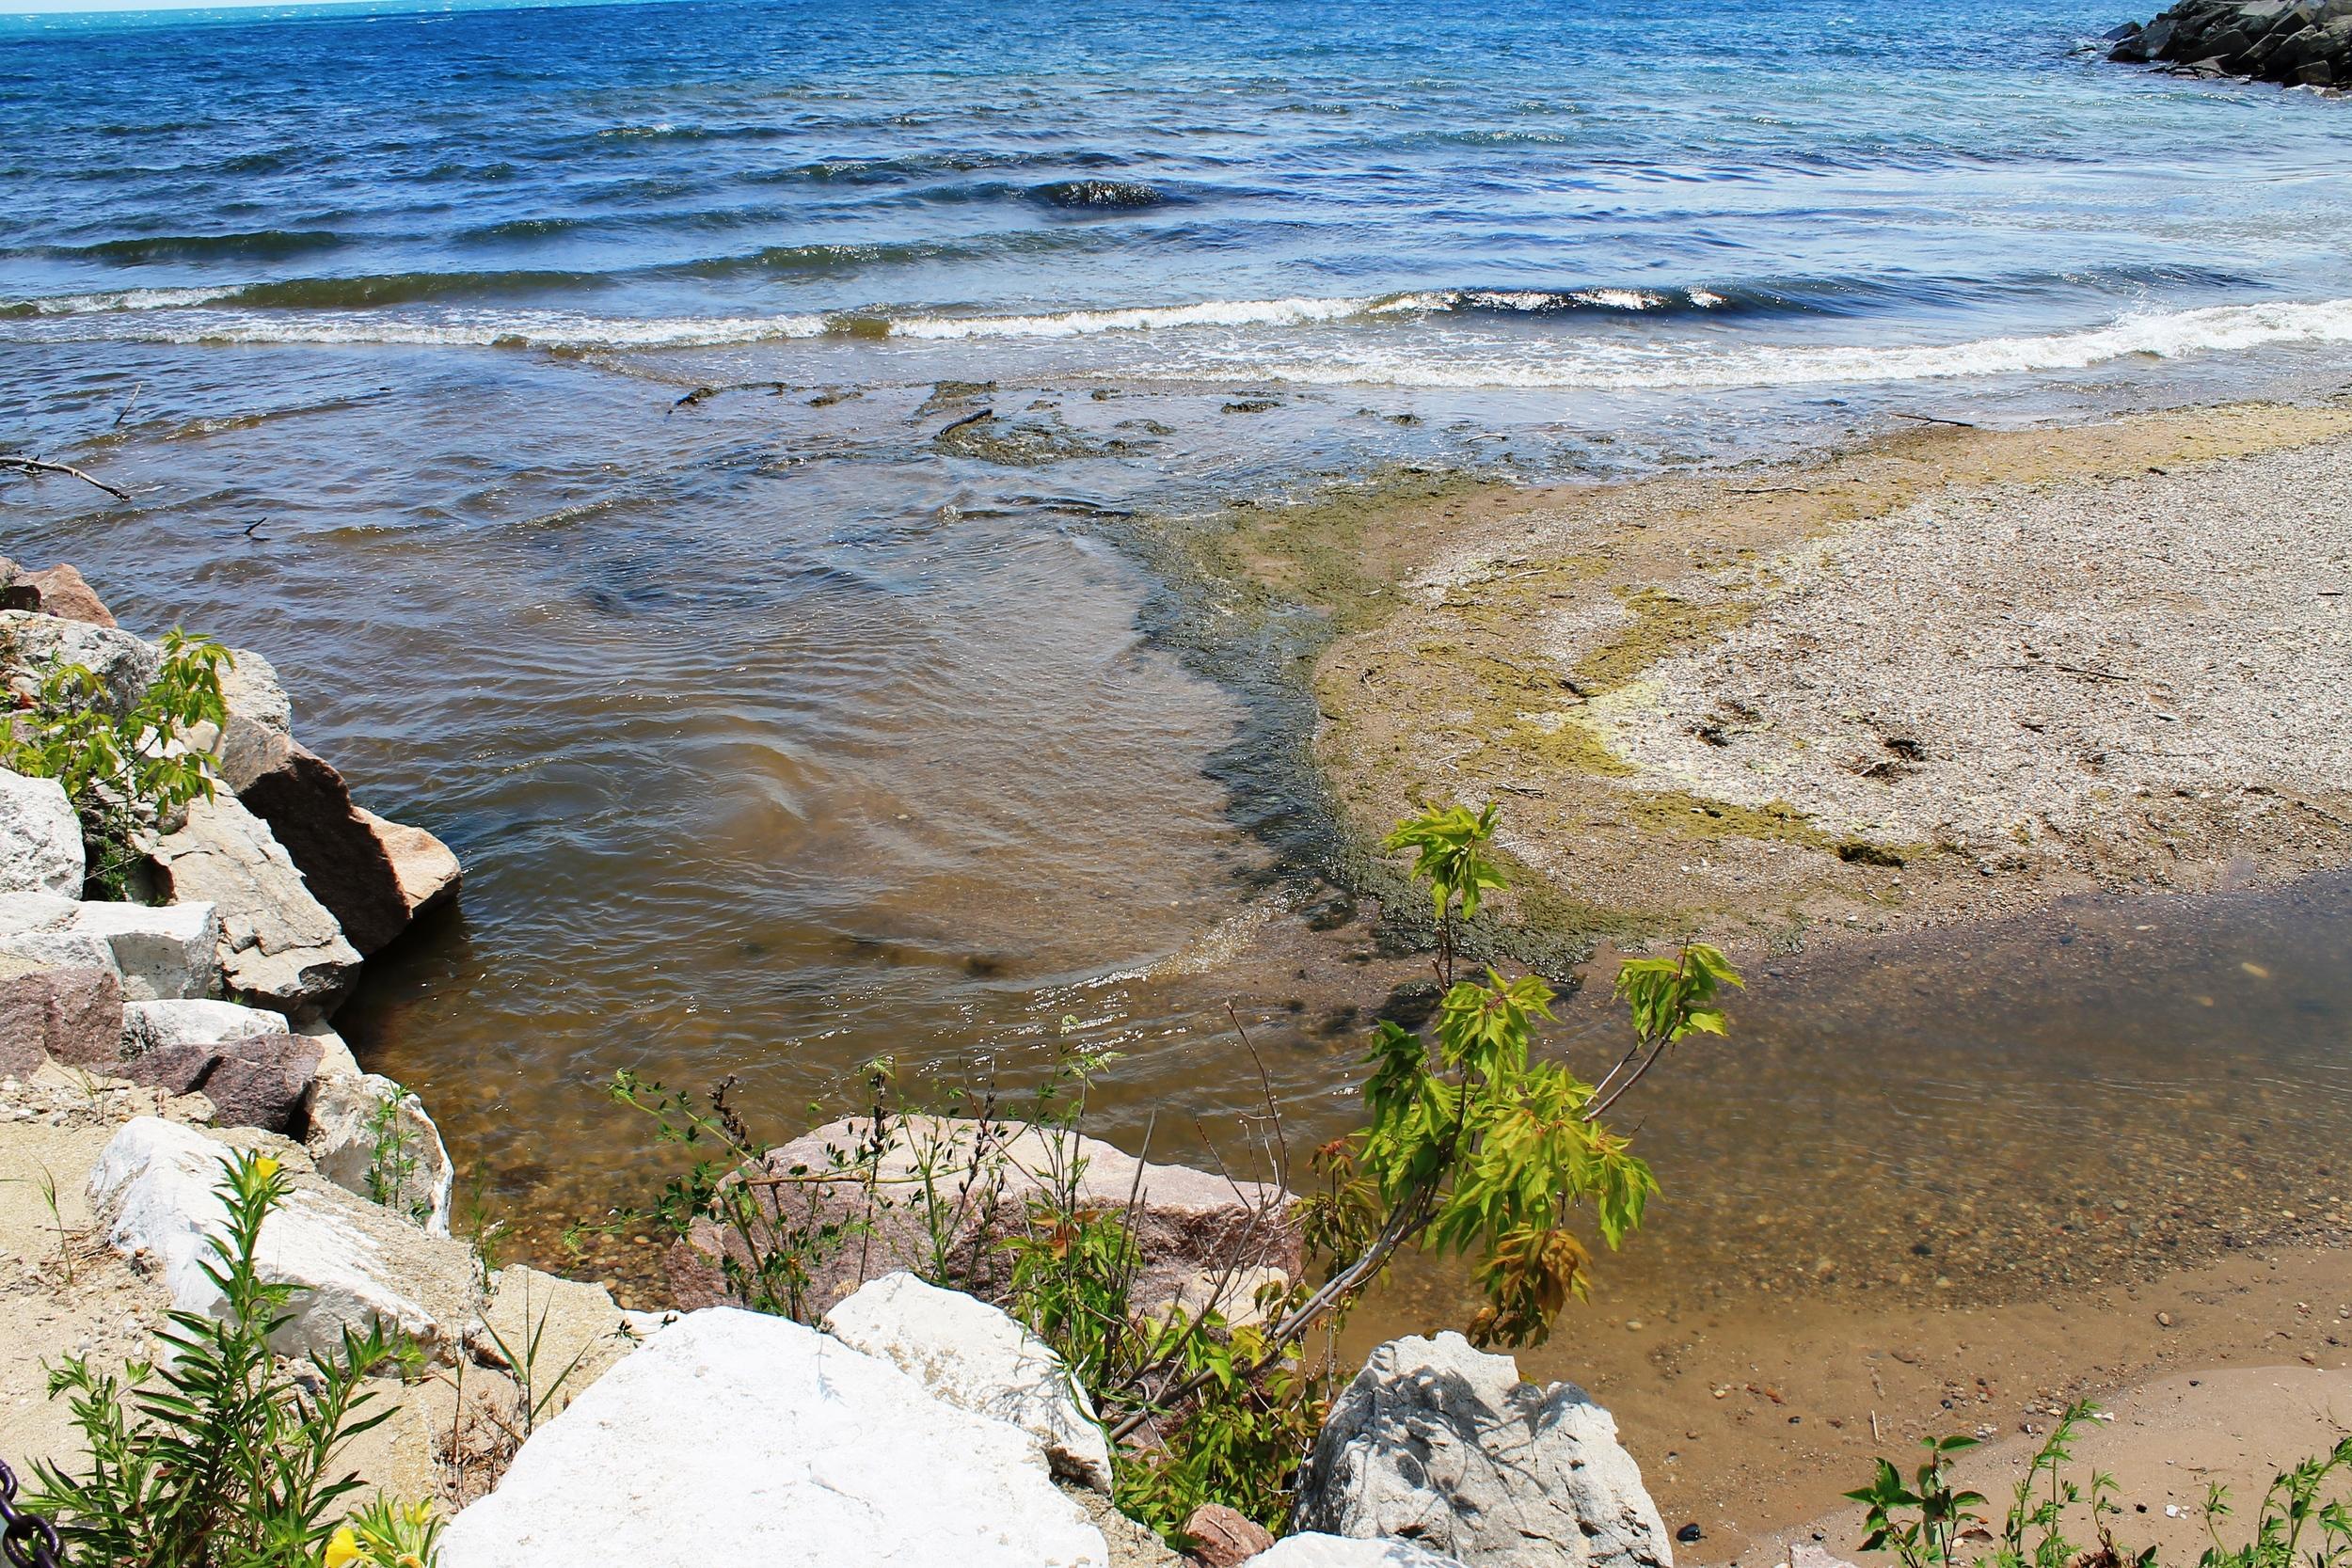 Oak Creek Outlet to Lake Michigan